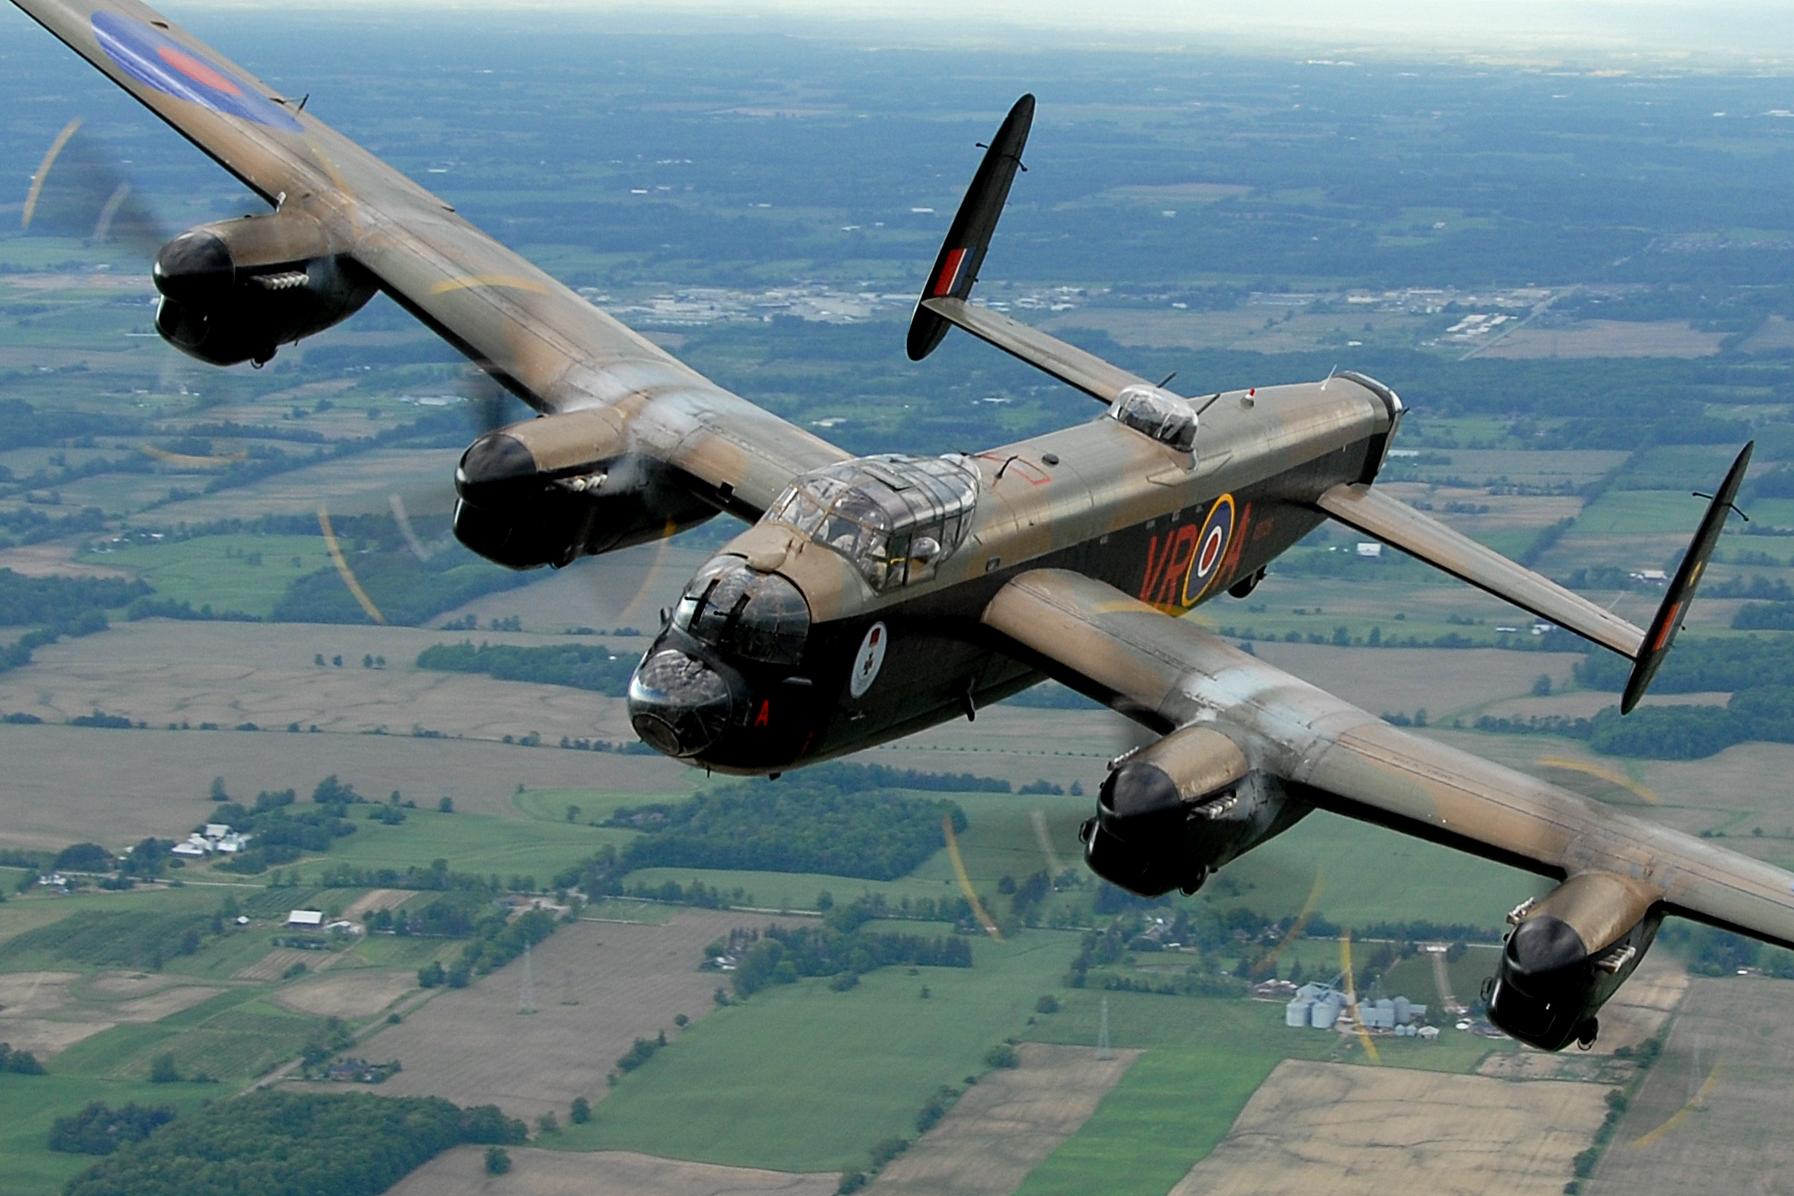 Royal air force photo